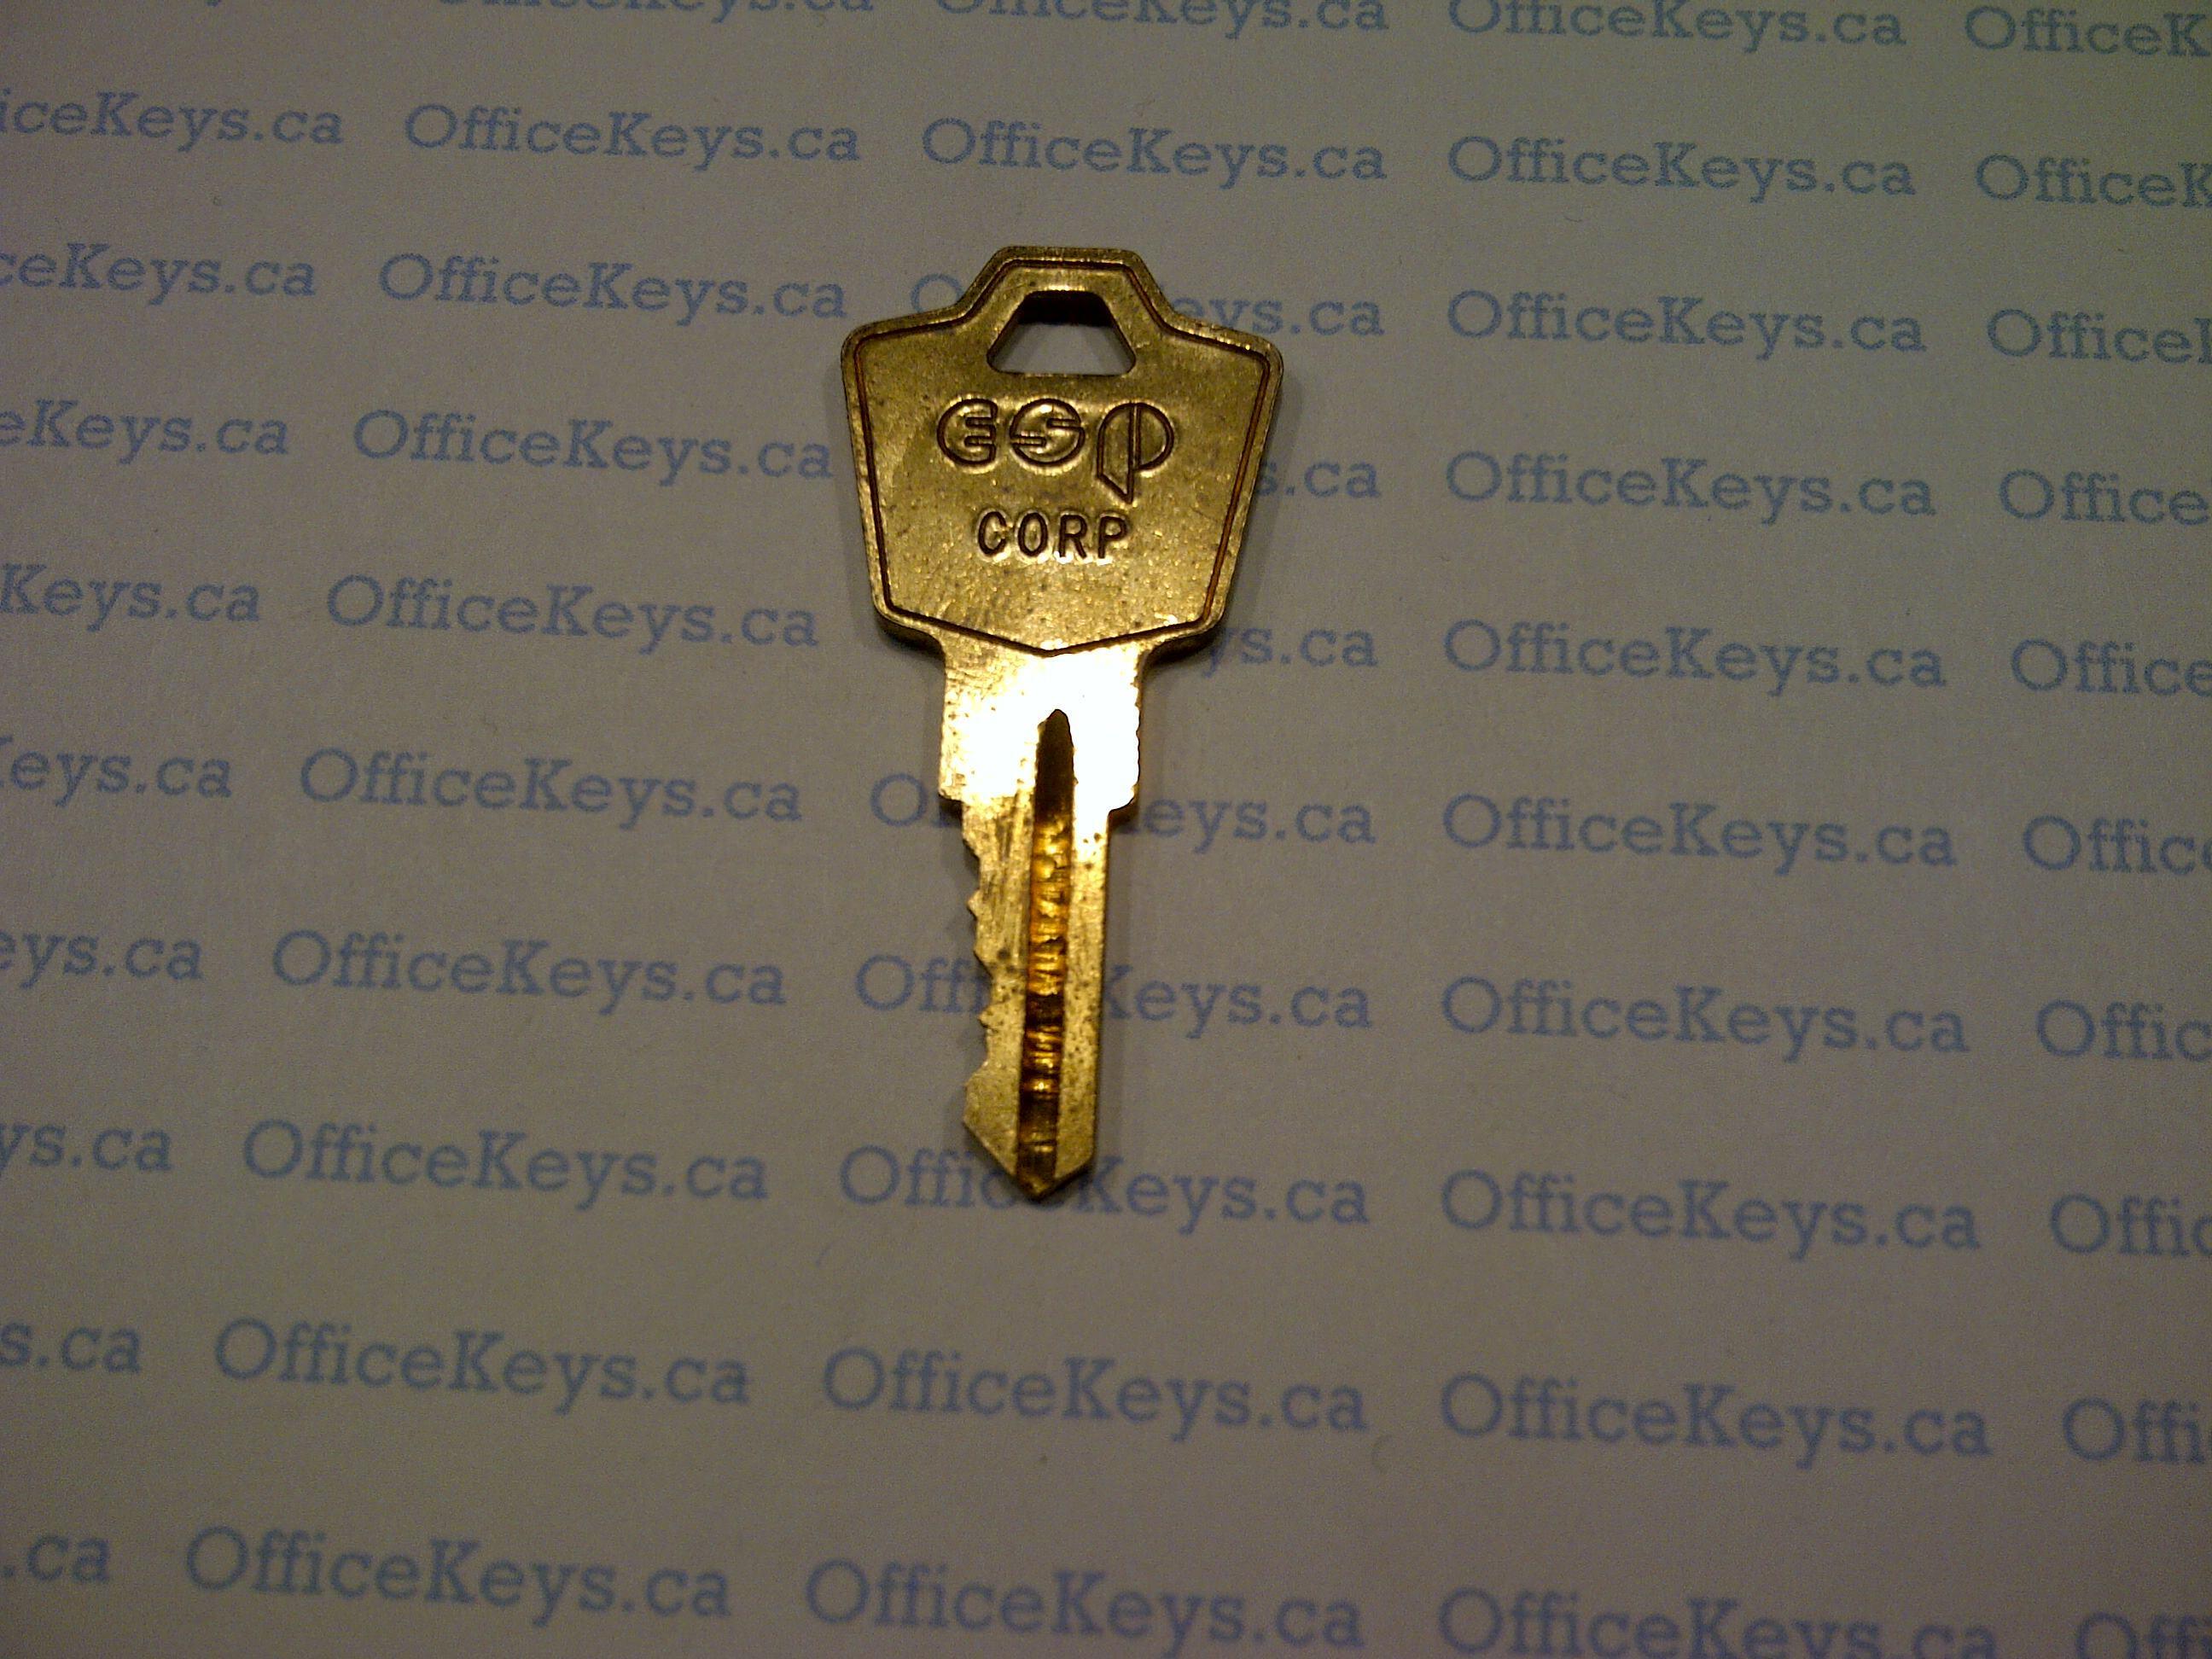 OfficeKeys.ca